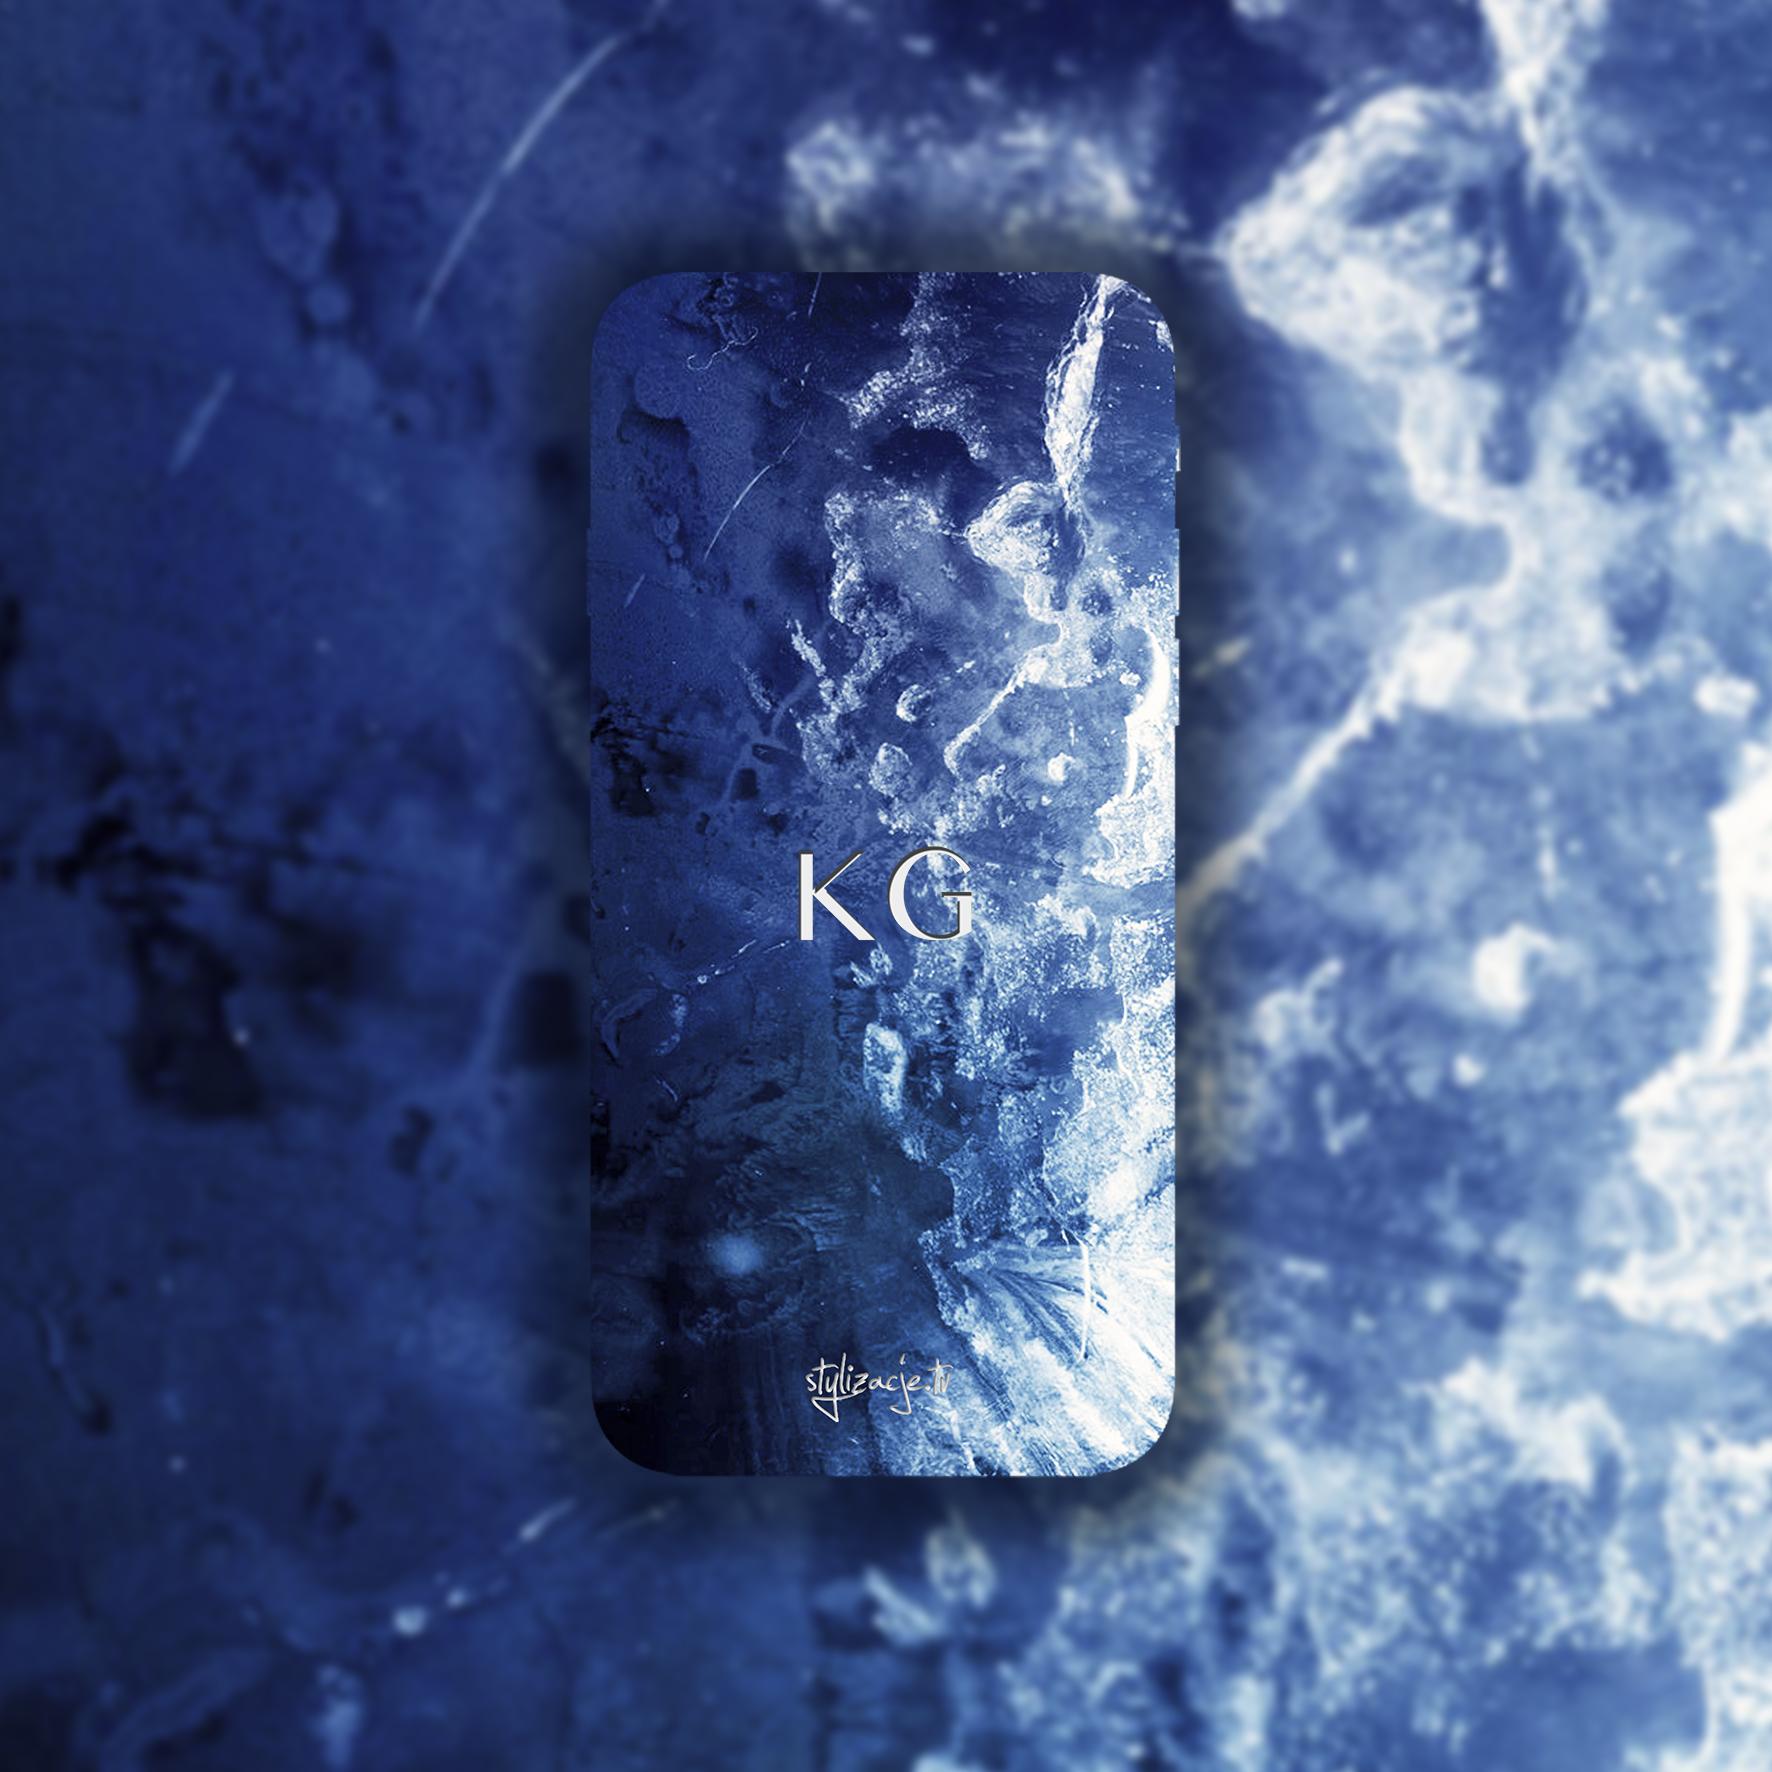 niebieski_inicjaly_KG